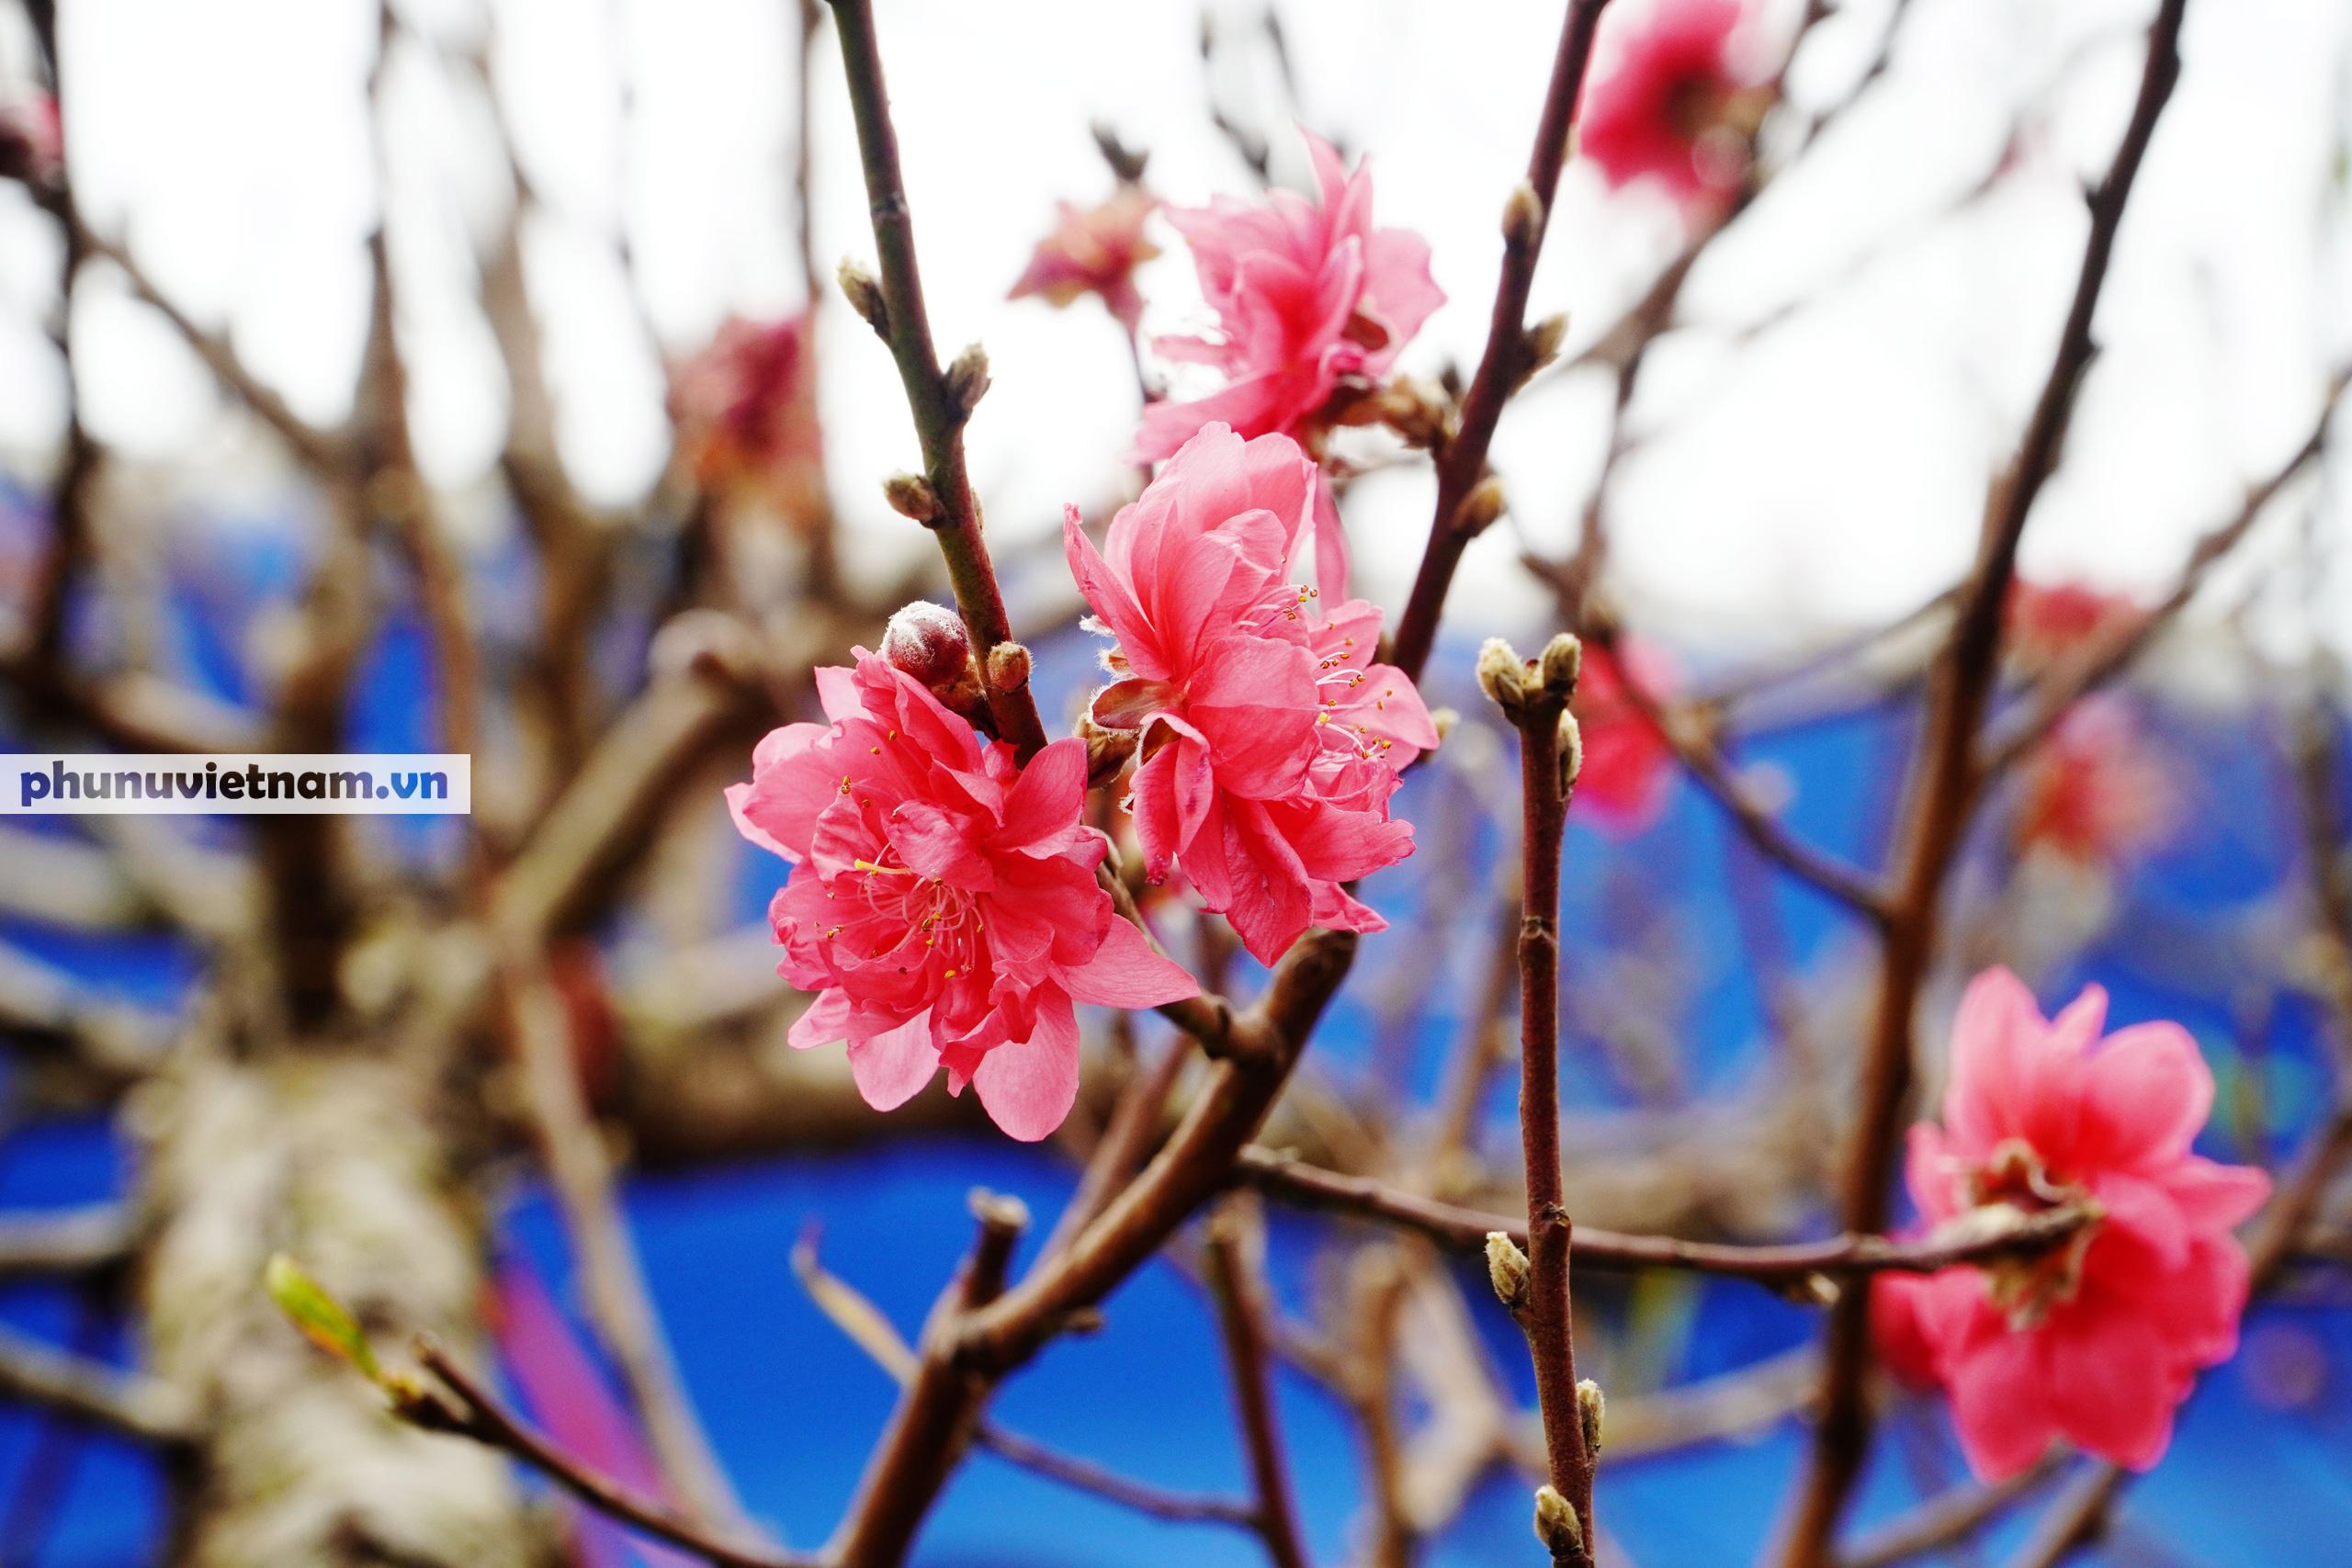 Đào Nhật Tân nở sớm hơn mọi năm, người trồng cầu mong giá rét kéo dài - Ảnh 1.